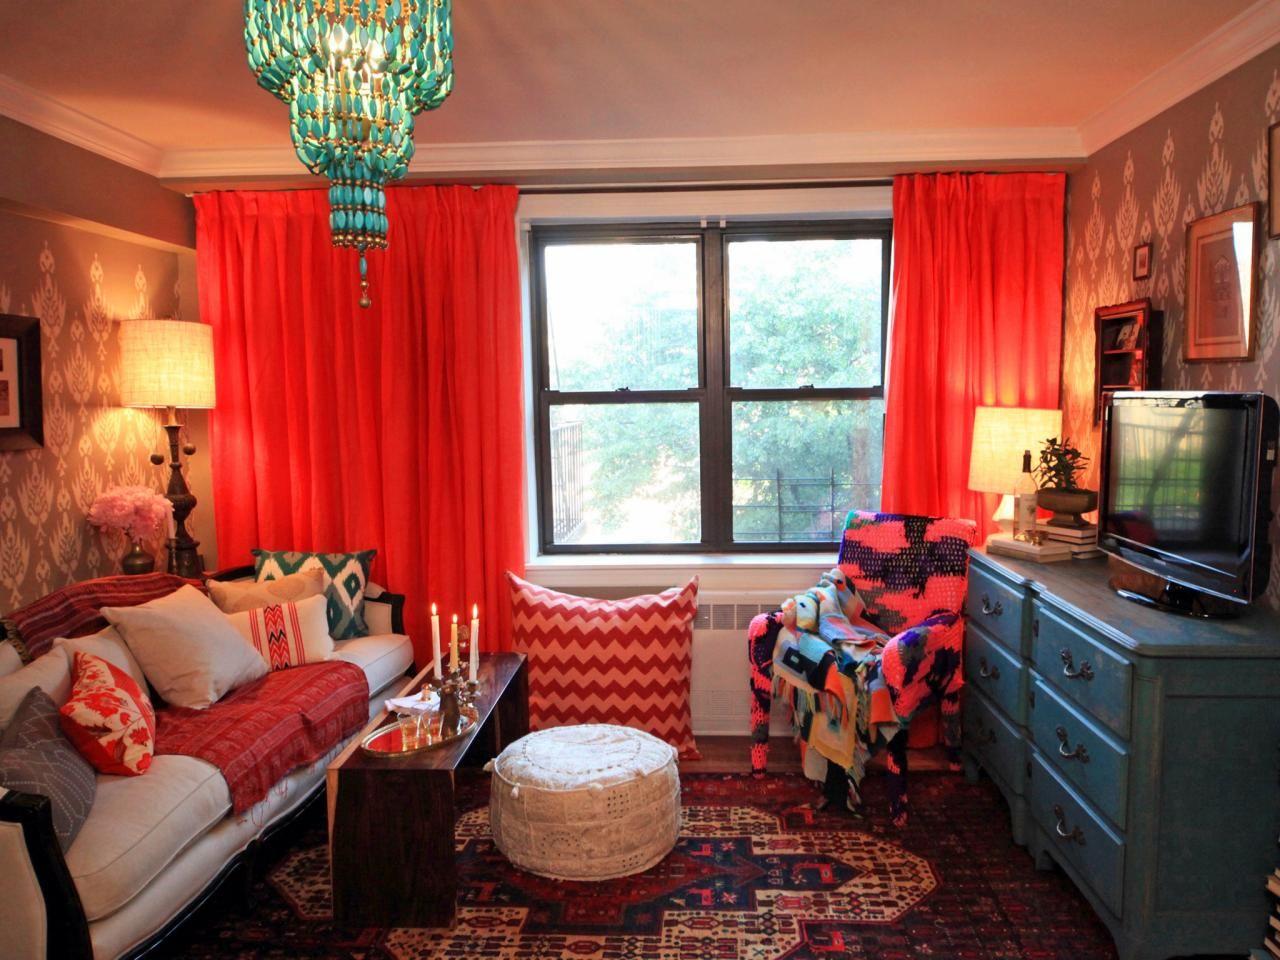 Genevieve Gorder\'s Best Designs | Turquoise chandelier, Genevieve ...